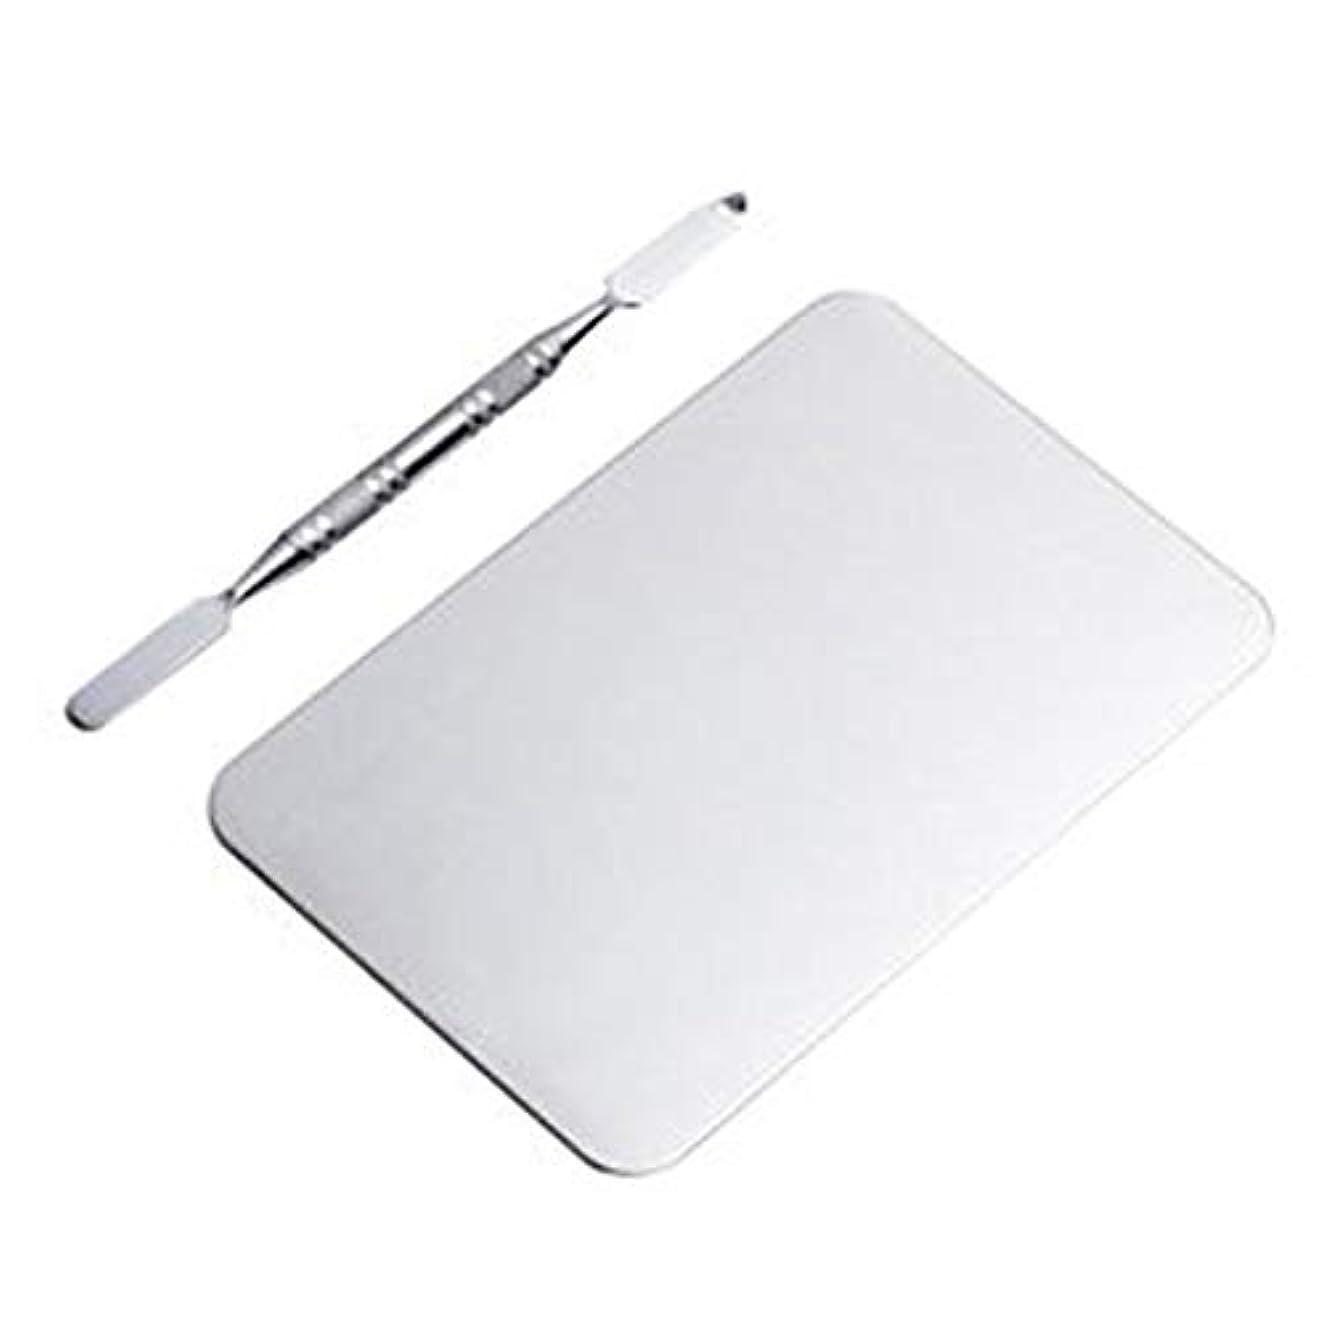 短くする池テンポサロン マニキュア カラーパレット メイクアップクリームファンデーションミキシングパレット 化粧品メイクアップツール ステンレス鋼板(115x75MM) (Color : Nonporous)